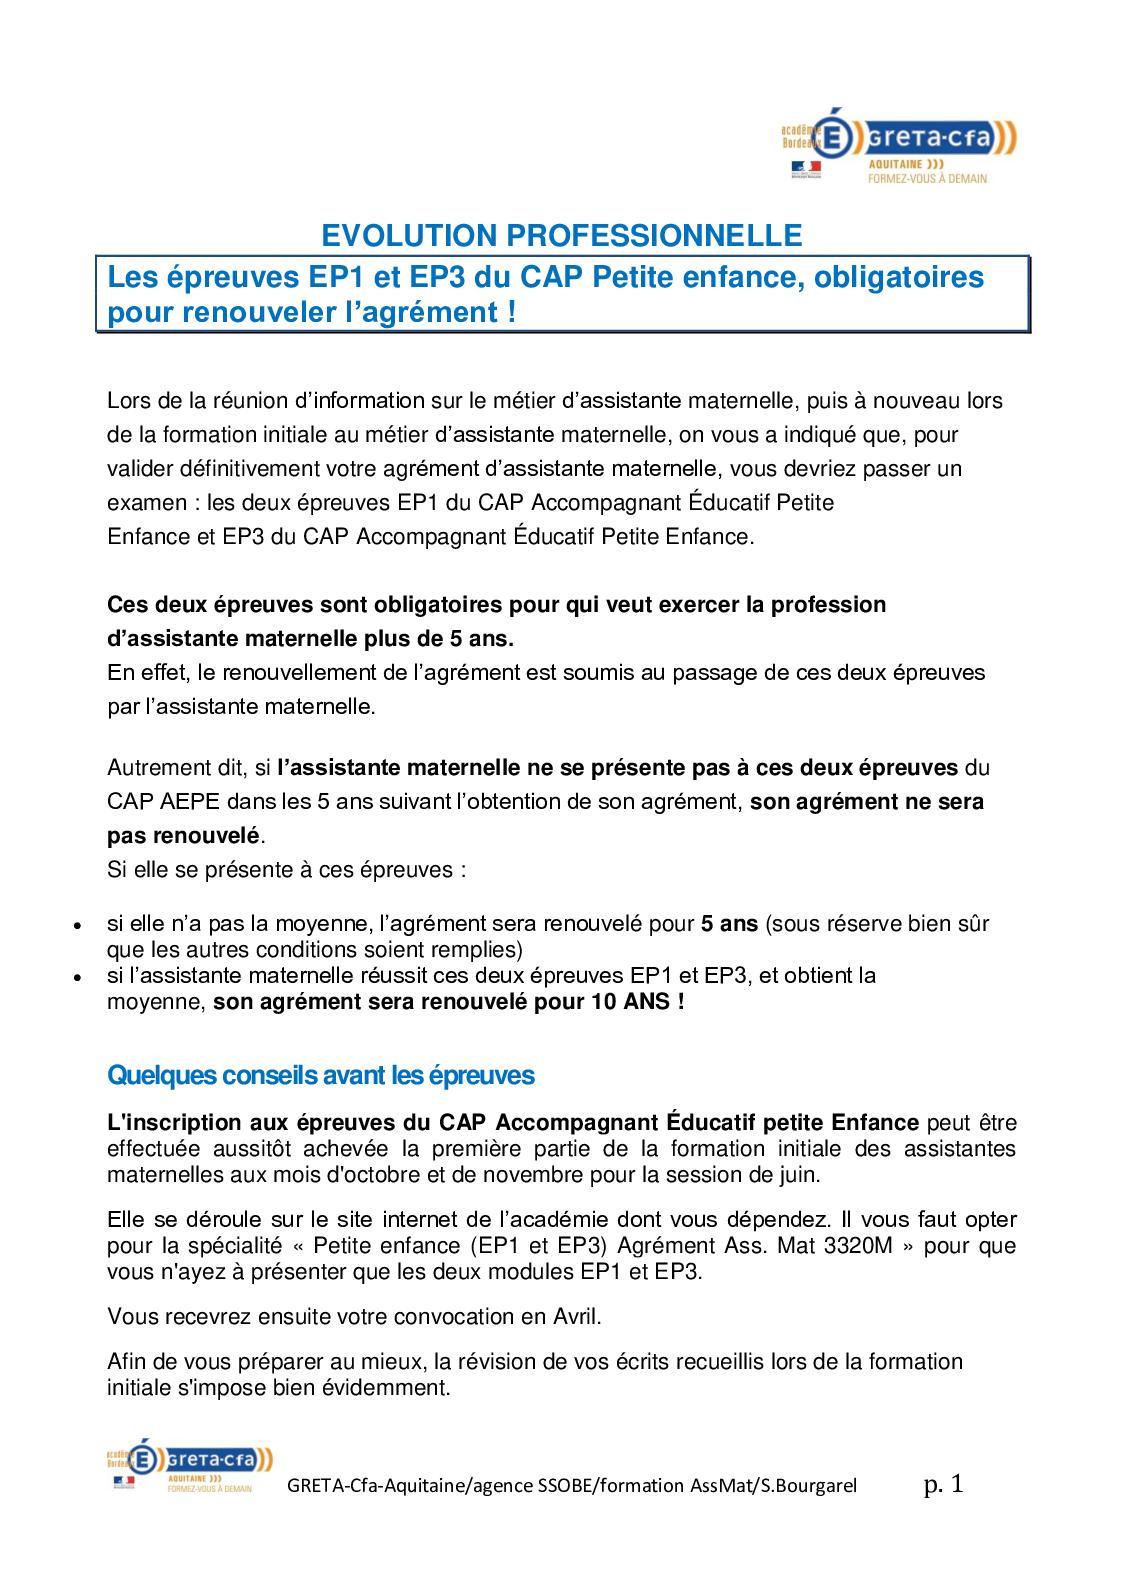 Fiche Ep1 Cap Aepe : fiche, Calaméo, Evolution, Professionnelle